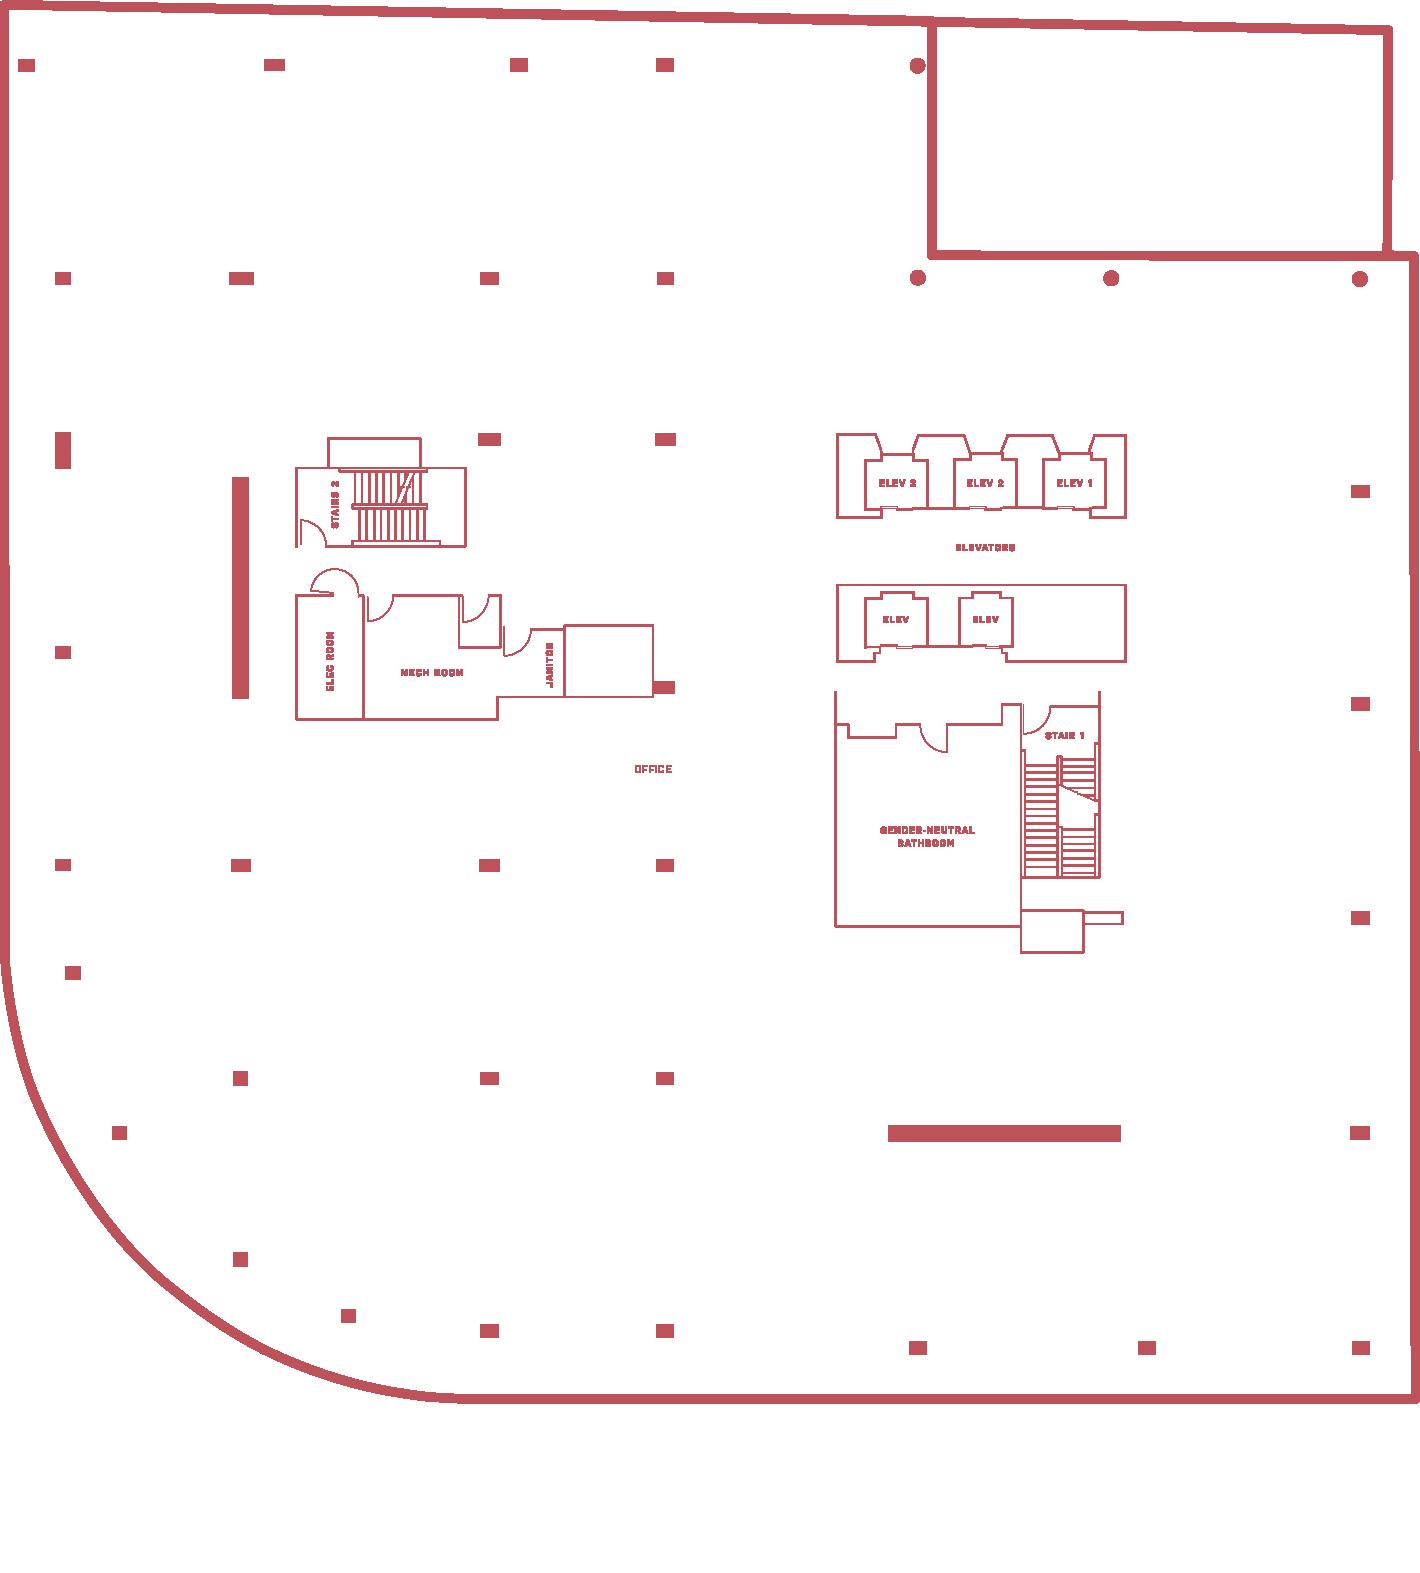 5MLK 2nd floor - floor plan